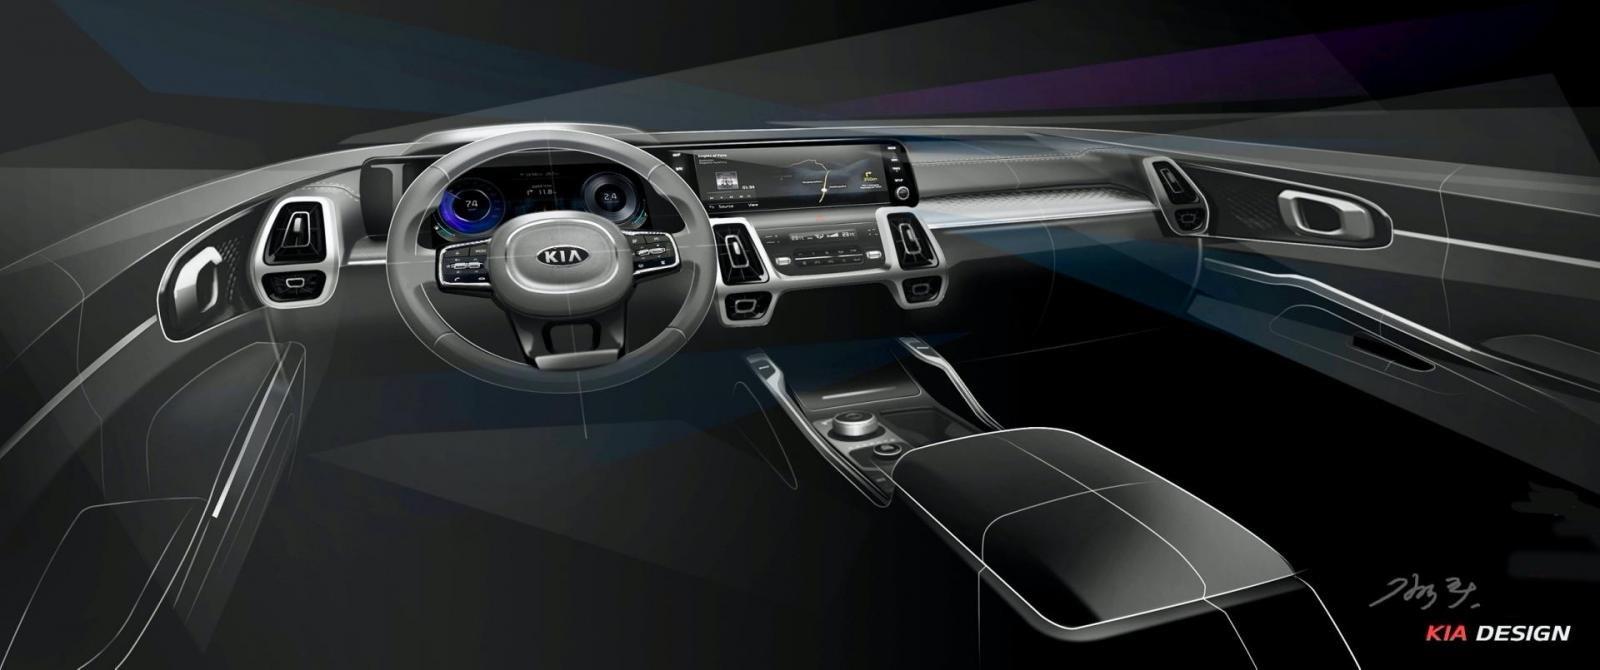 Lộ diện Kia Sorento 2021, nội thất xịn như xe sang